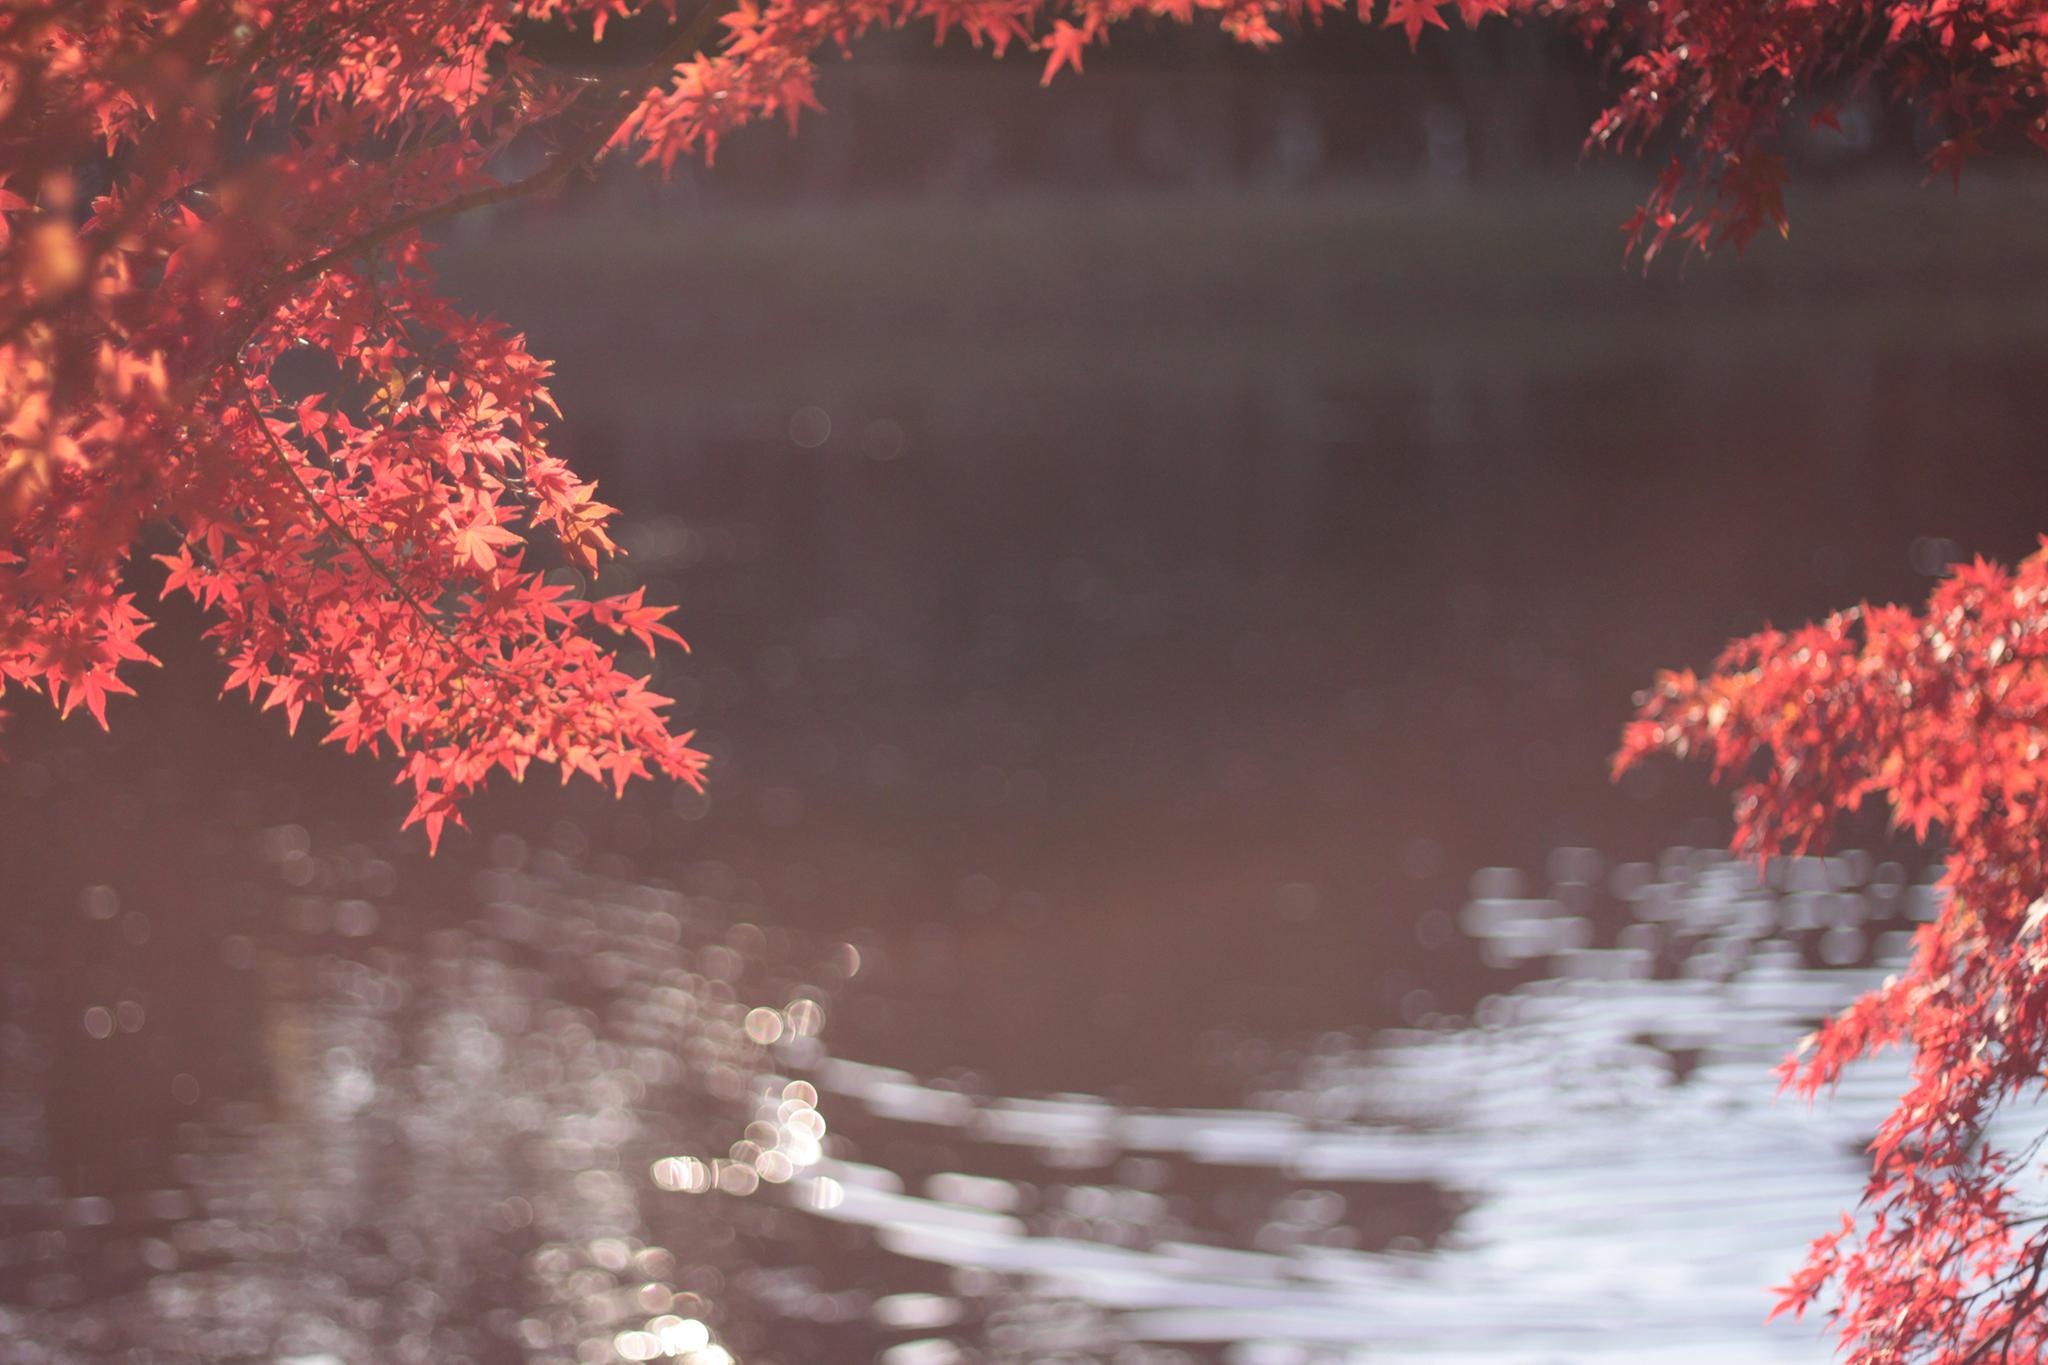 岩の上に舞い落ちた1枚の紅葉のフリー写真素材(商用可)